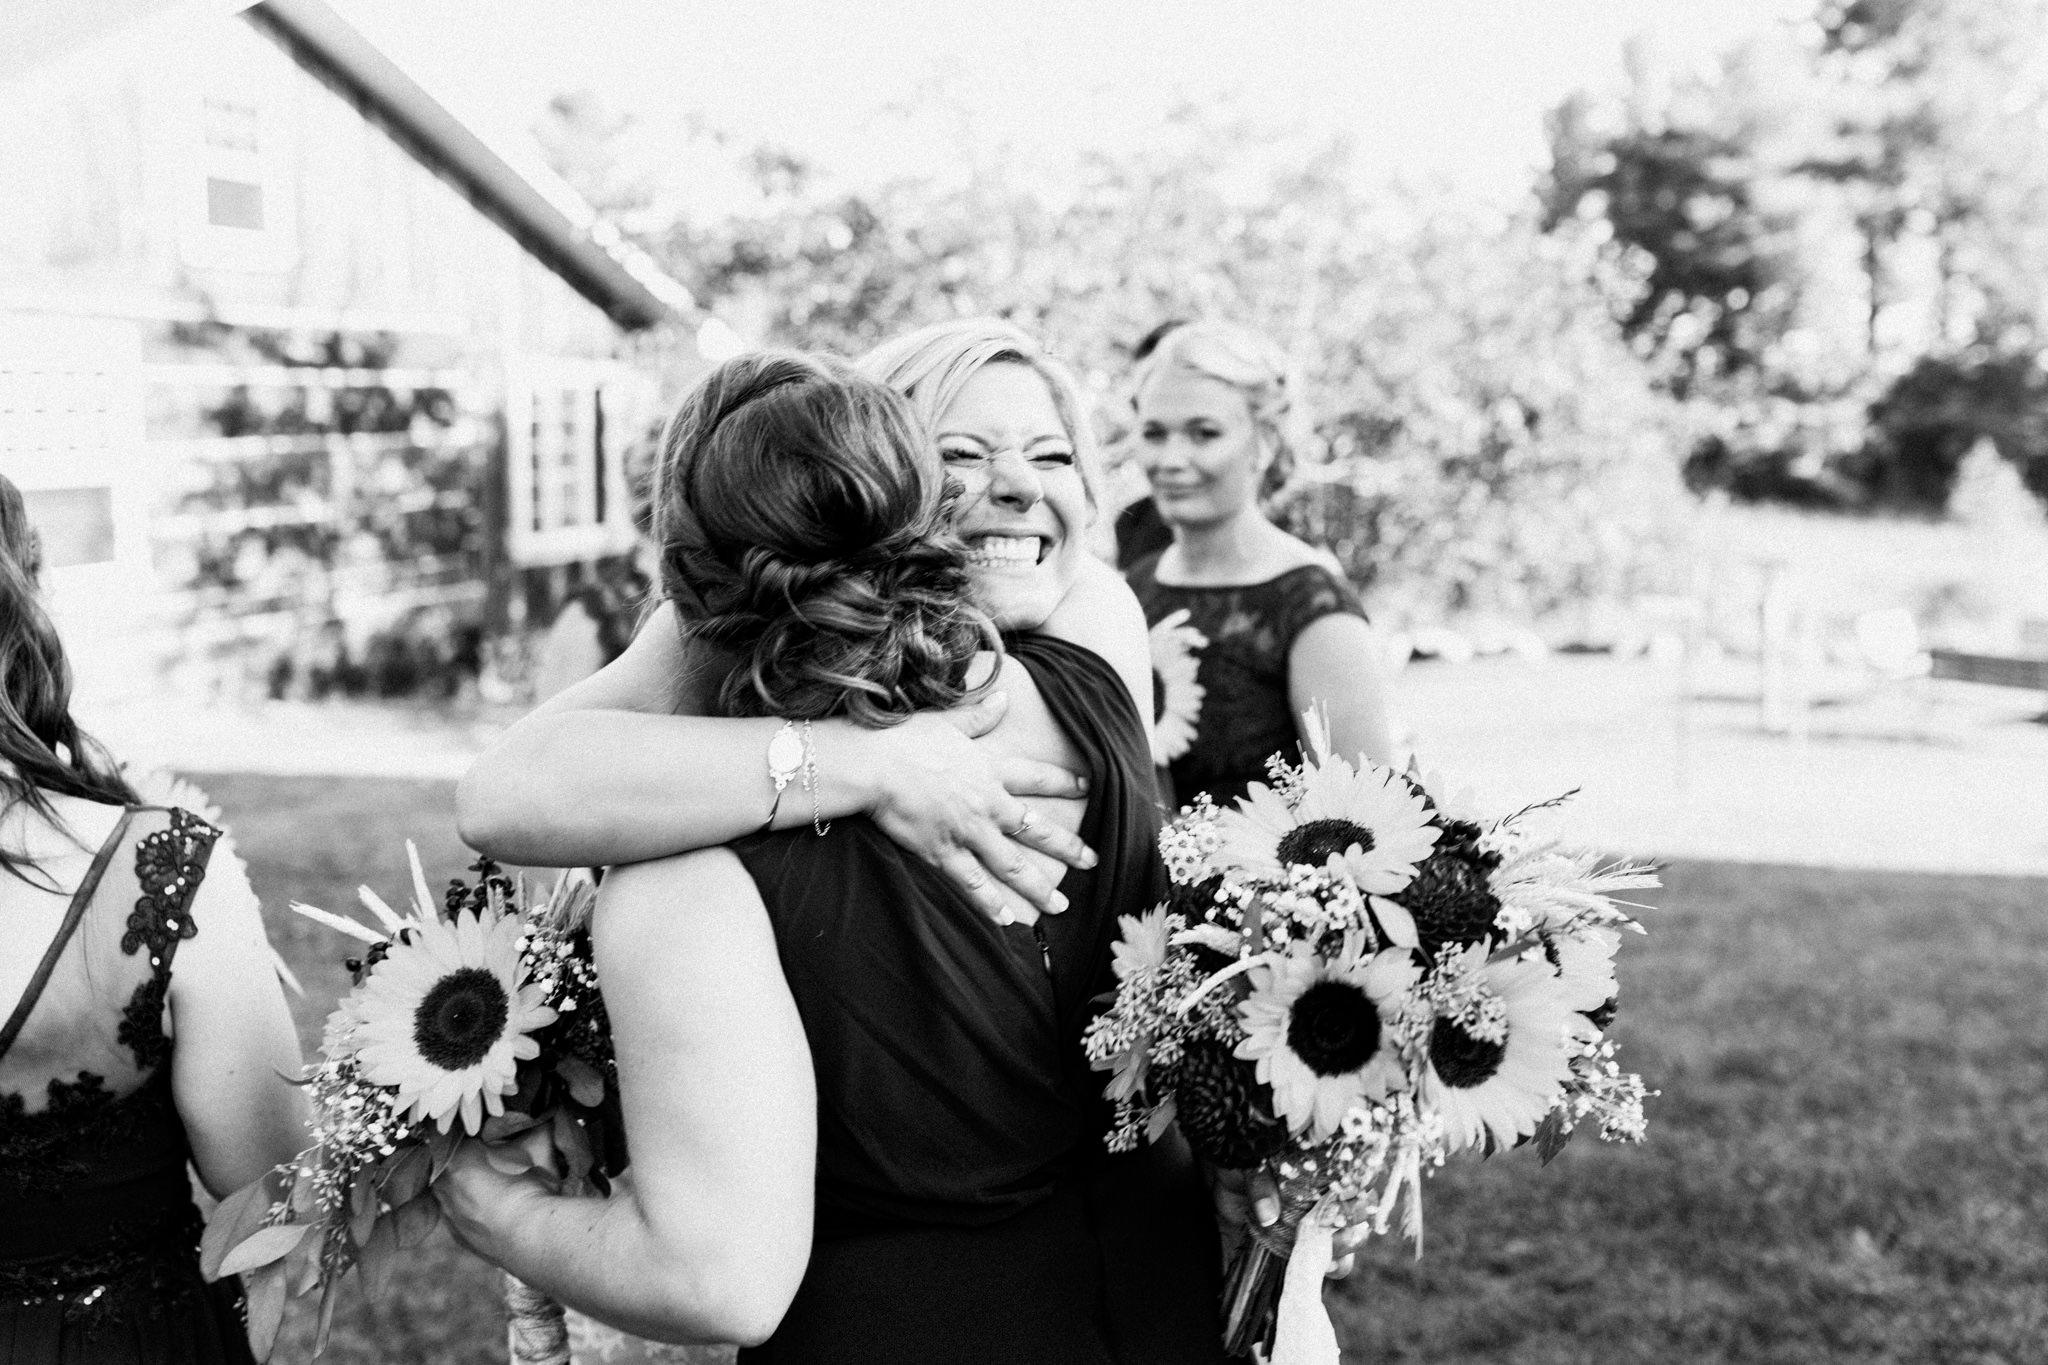 bridesmaid hugging bride after ceremony